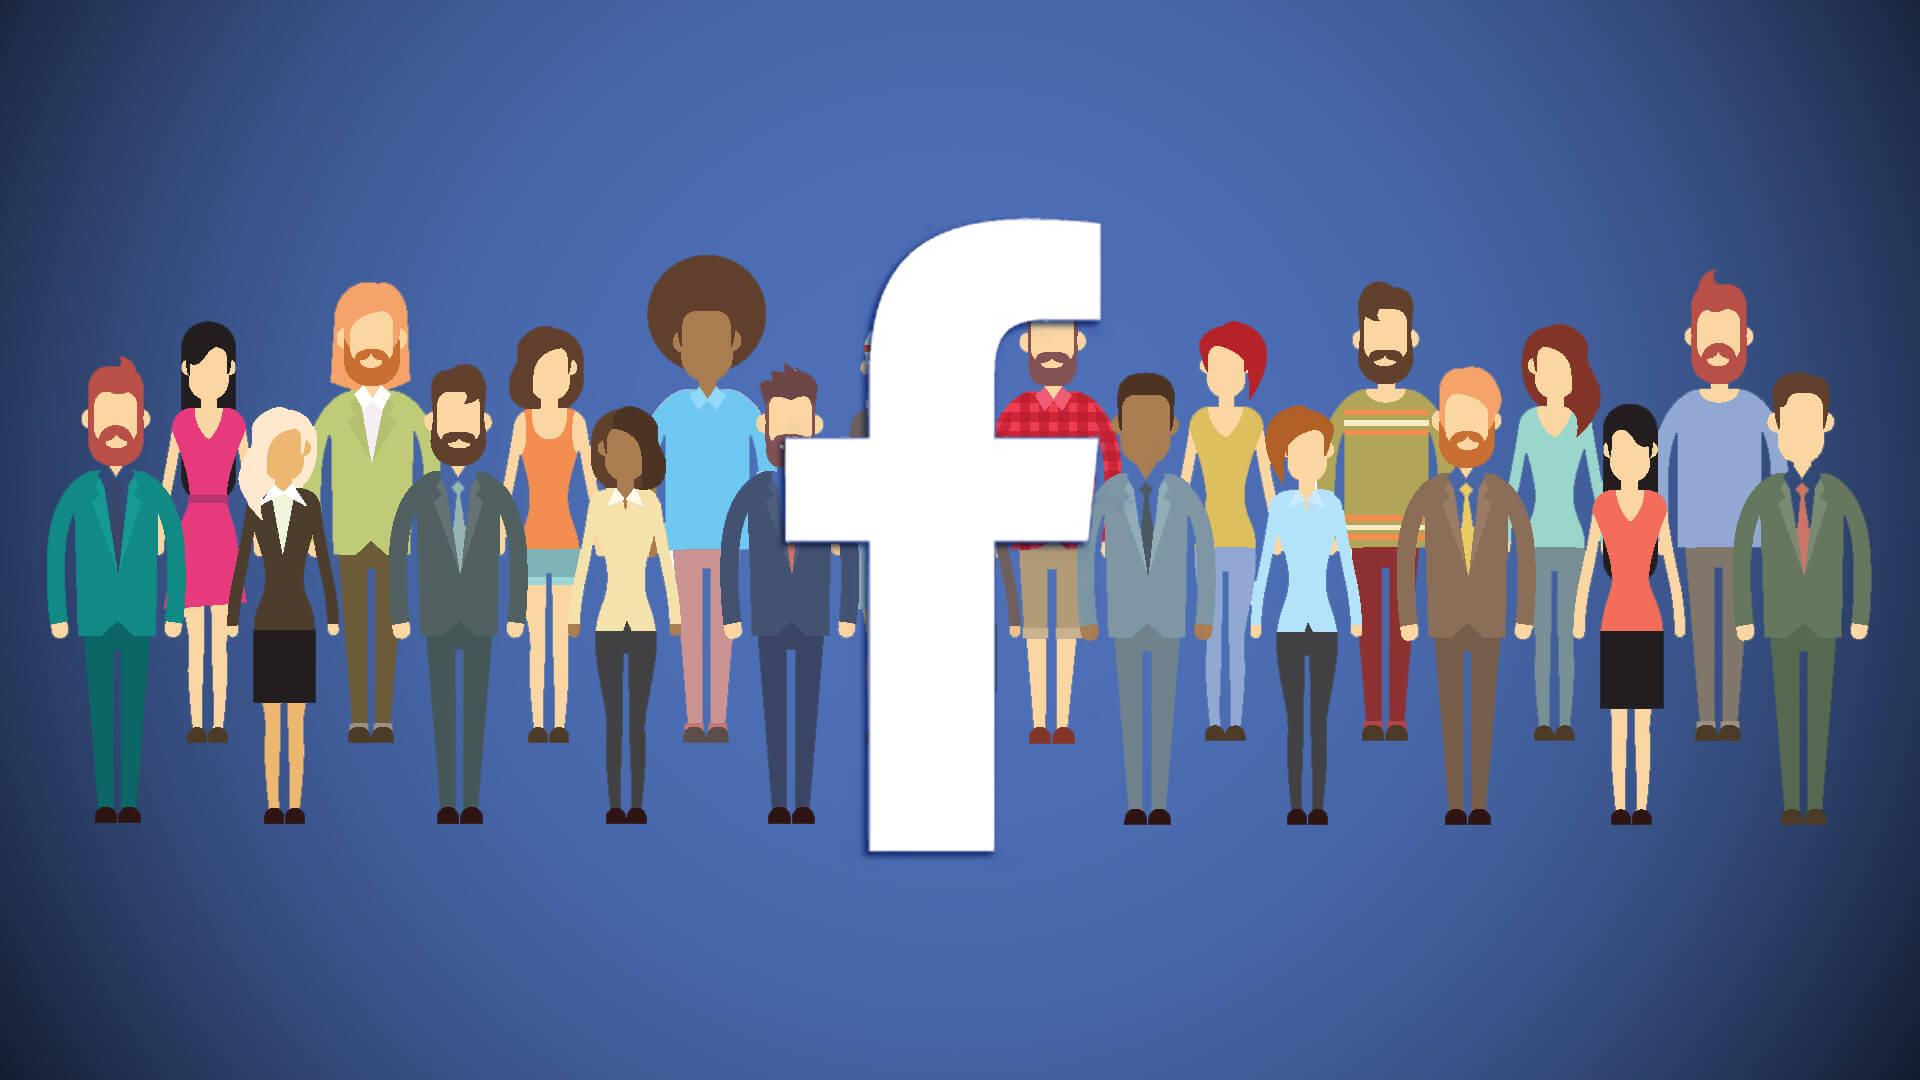 Facebook si pohrává se vzhledem aplikace, jedna sekce je barevnější